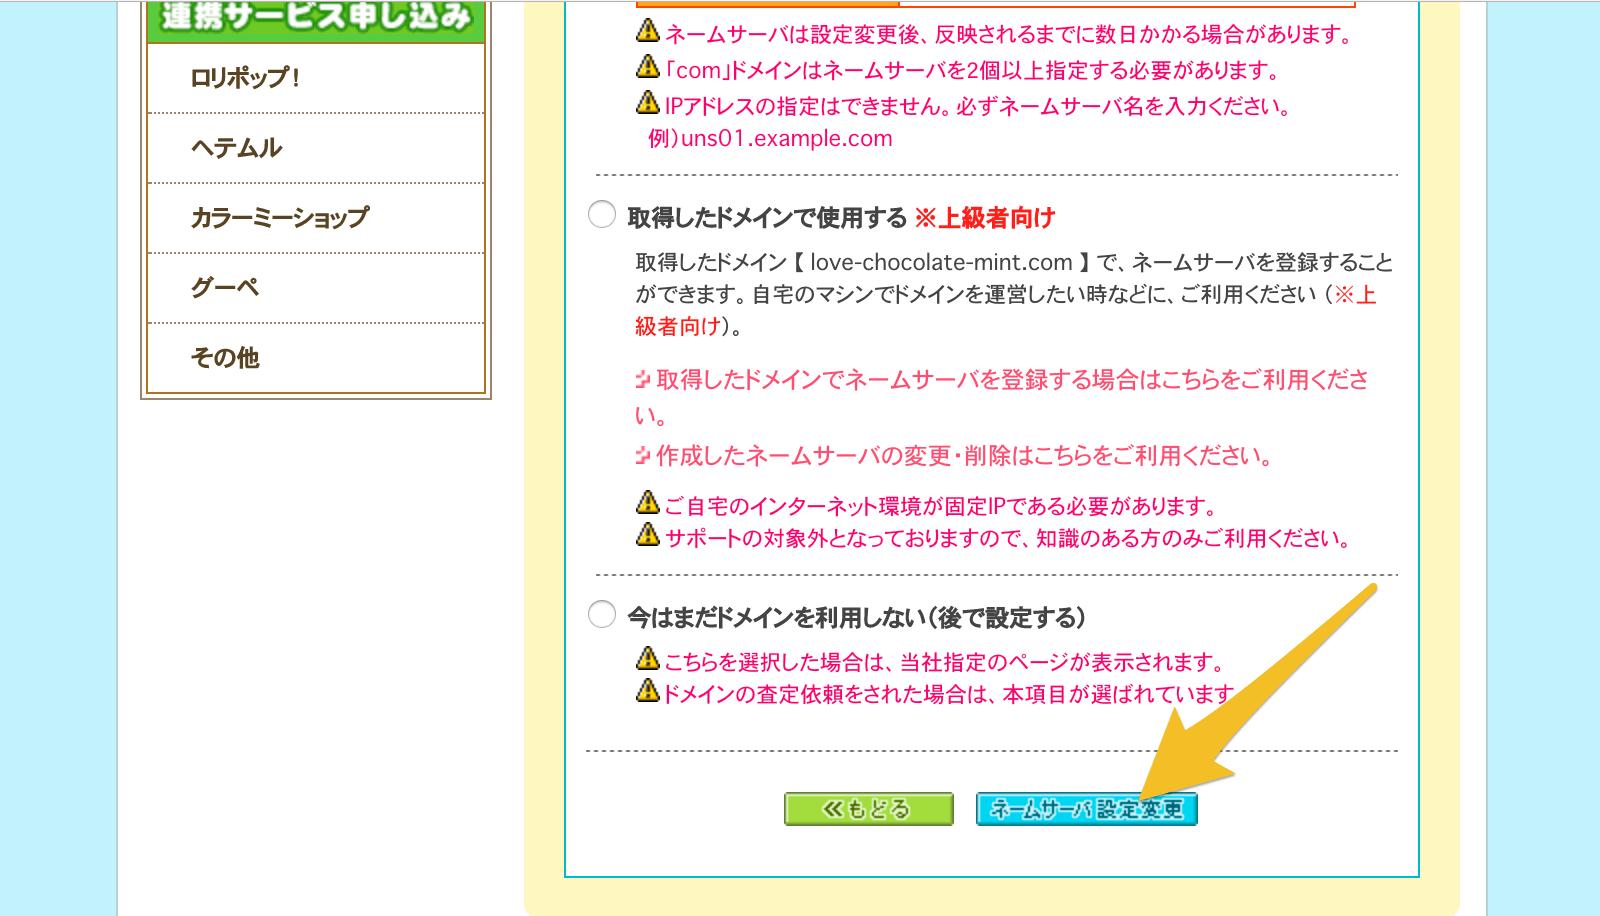 入力が完了したら、ネームサーバー設定変更ボタンを押して入力内容を確定します